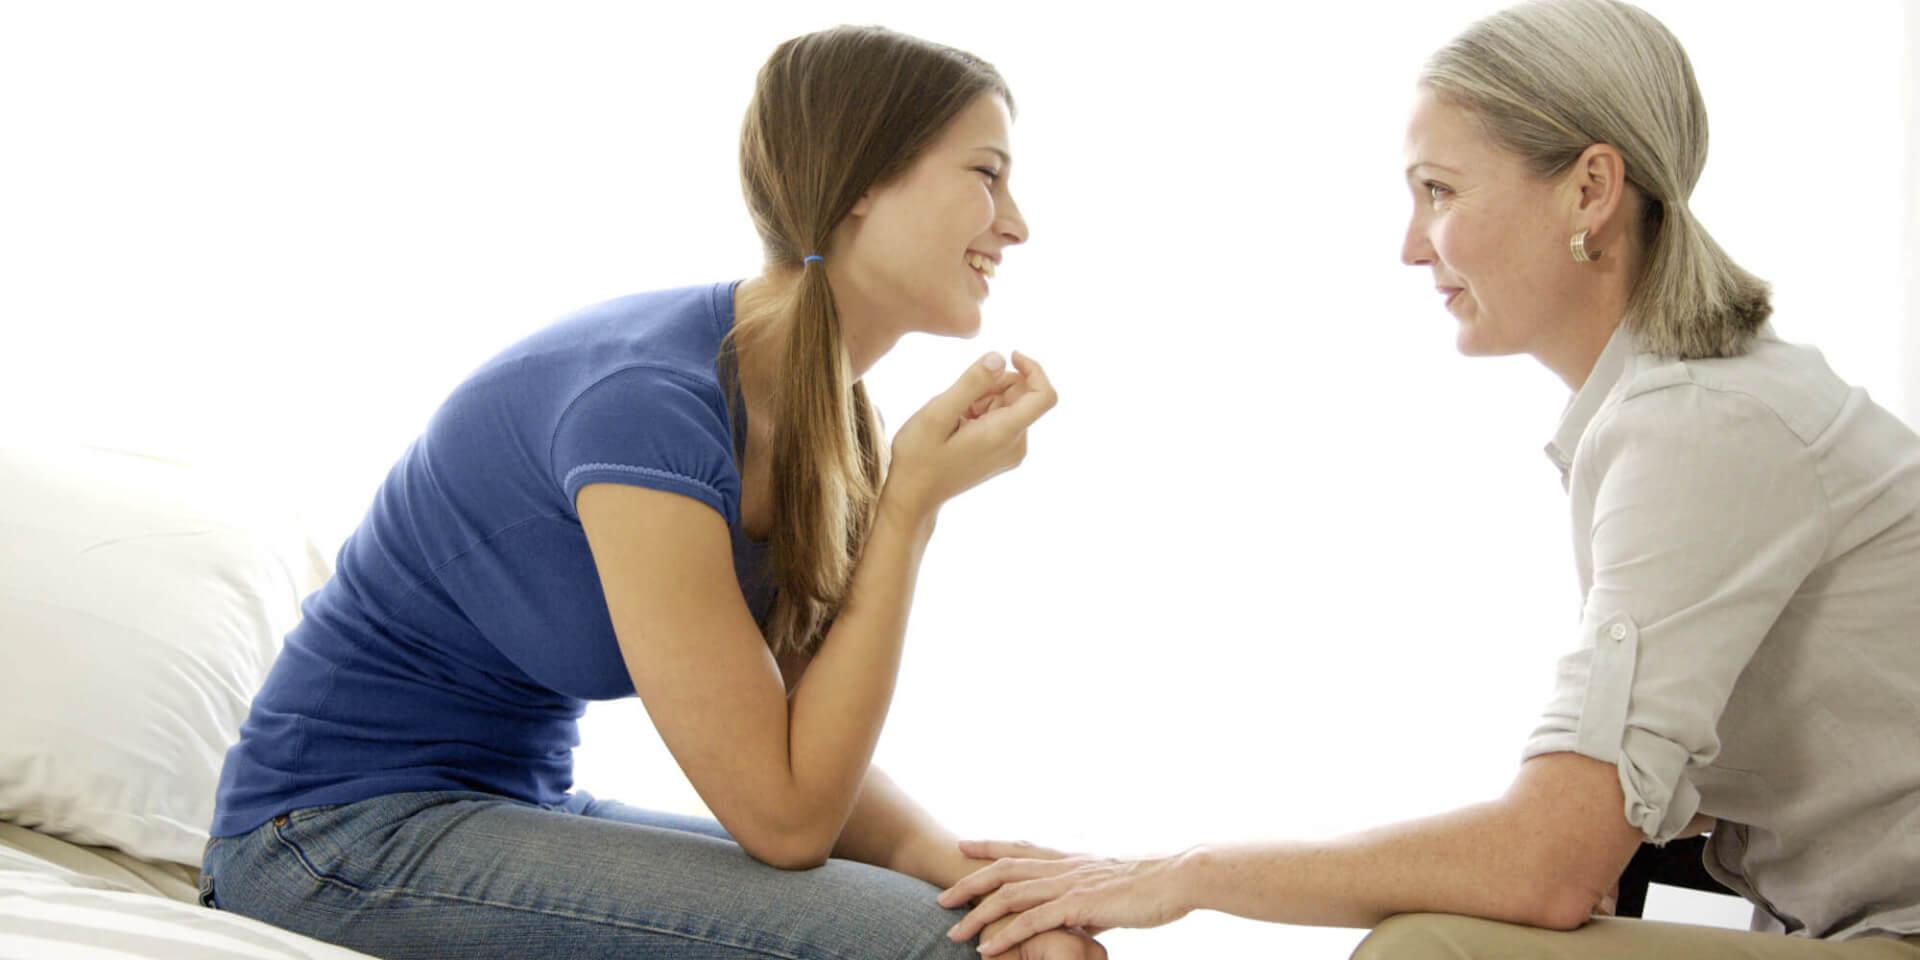 Личные границы в общении с матерью: 5 обязательных шагов